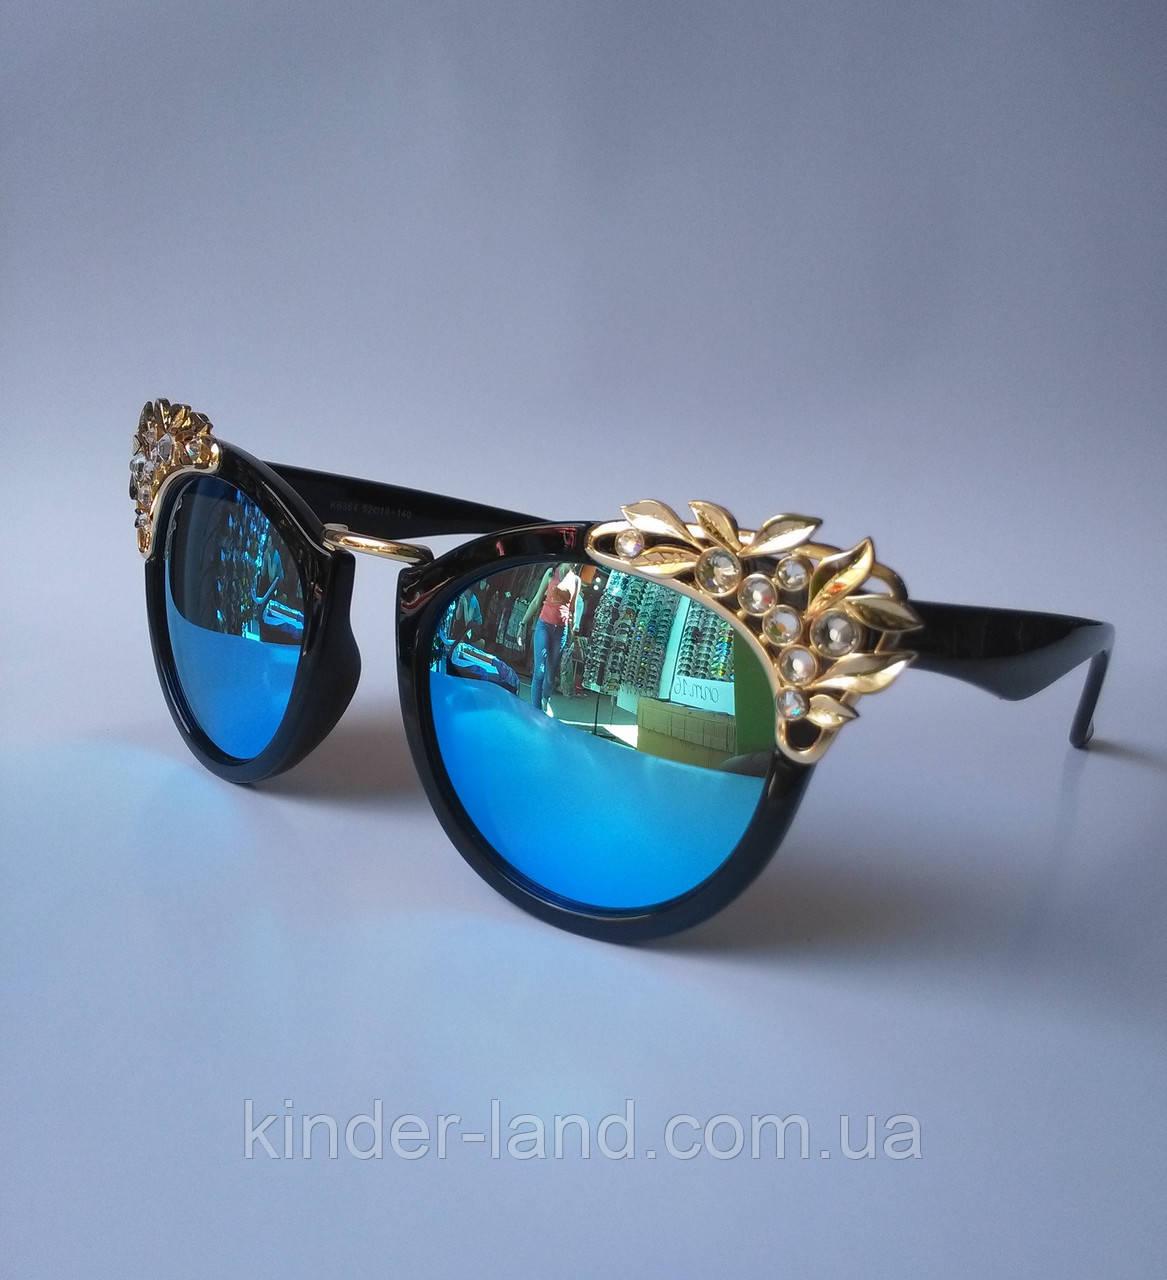 d704d5081277 Женские солнцезащитные очки KAIZI 6364 с синим напылением - Интернет-магазин